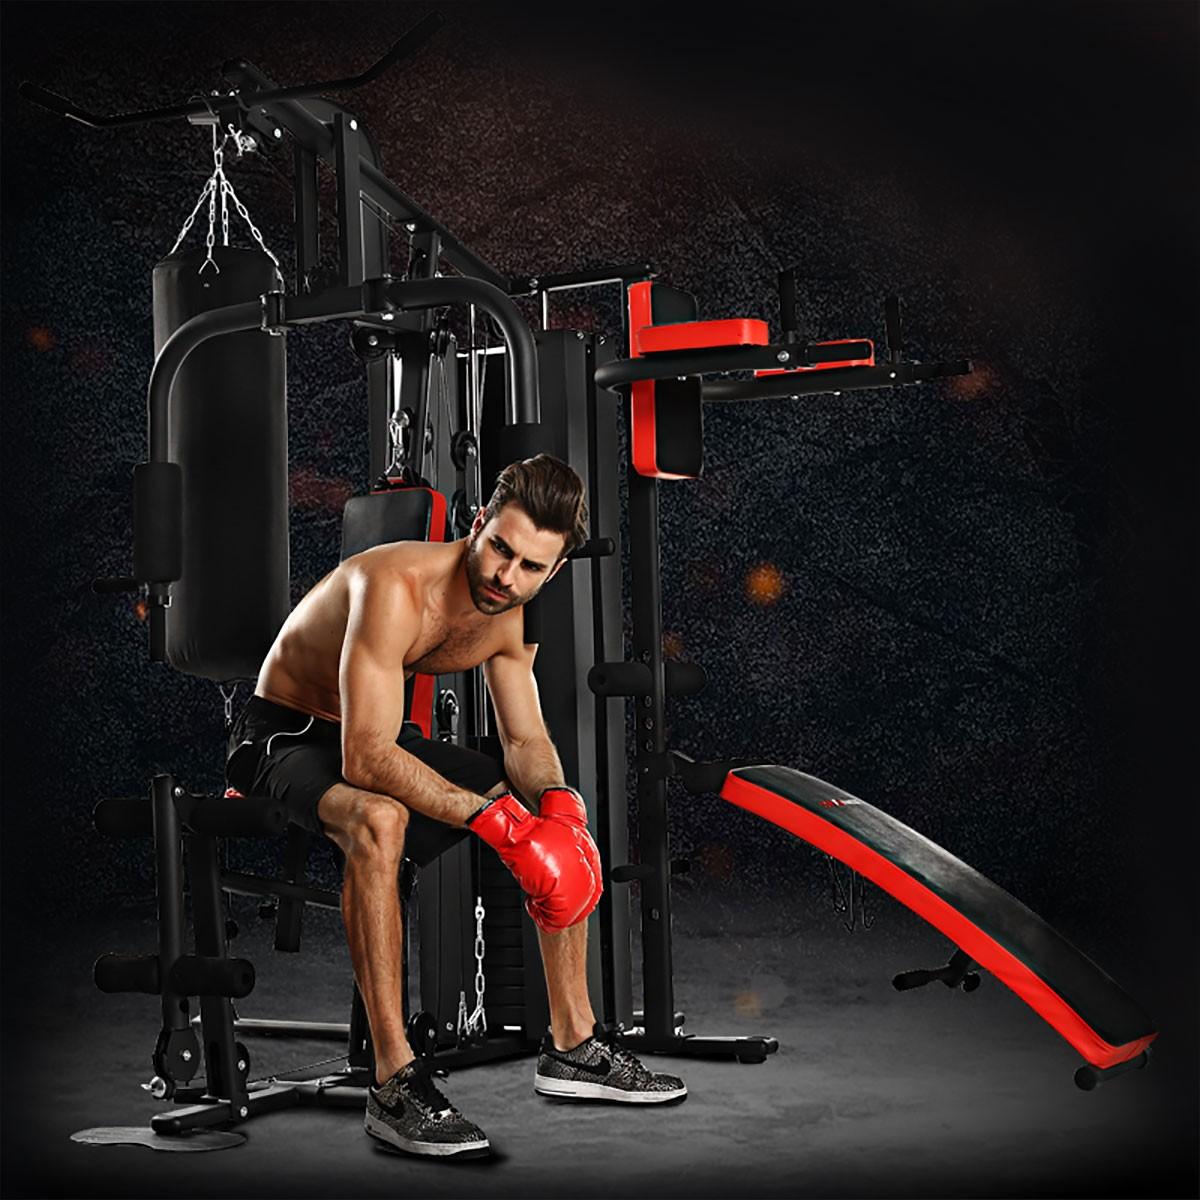 Appareil de Musculation à Domicile de Multi-Fonction pour Multi-utilisateur Simultanément (HG4.8)